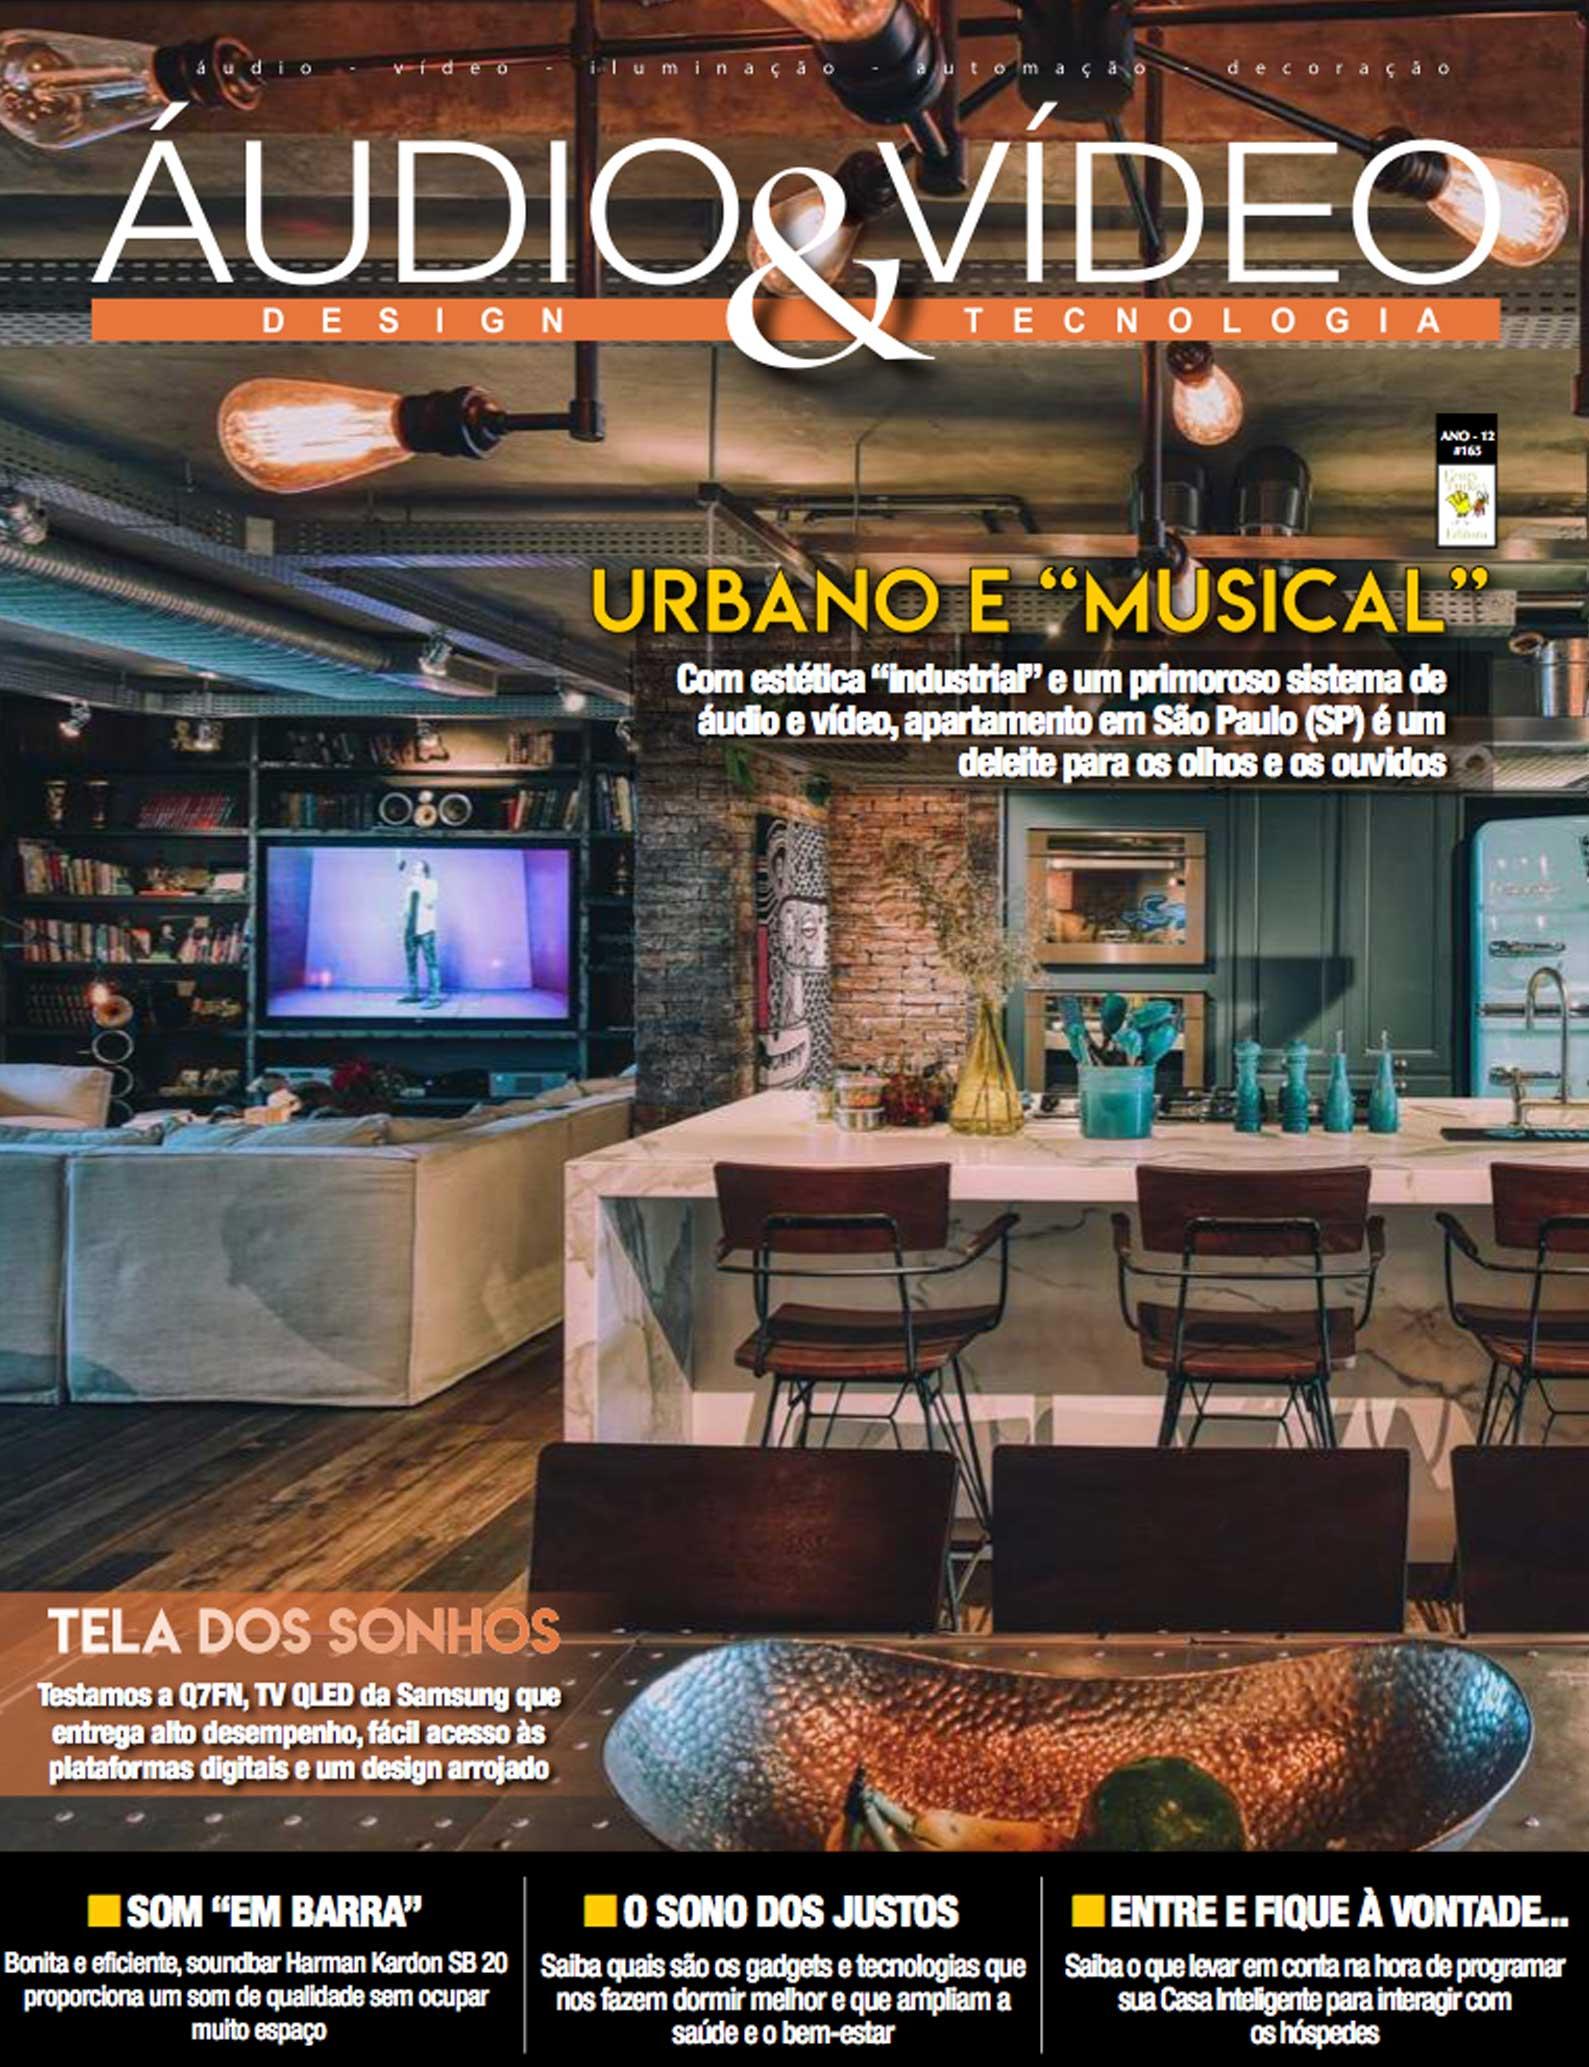 Revista Áudio & Vídeo 175 - Projeto de home cinema, automação e som ambiente para estilo apartamento em Guarulhos, SP - DAG Brasil